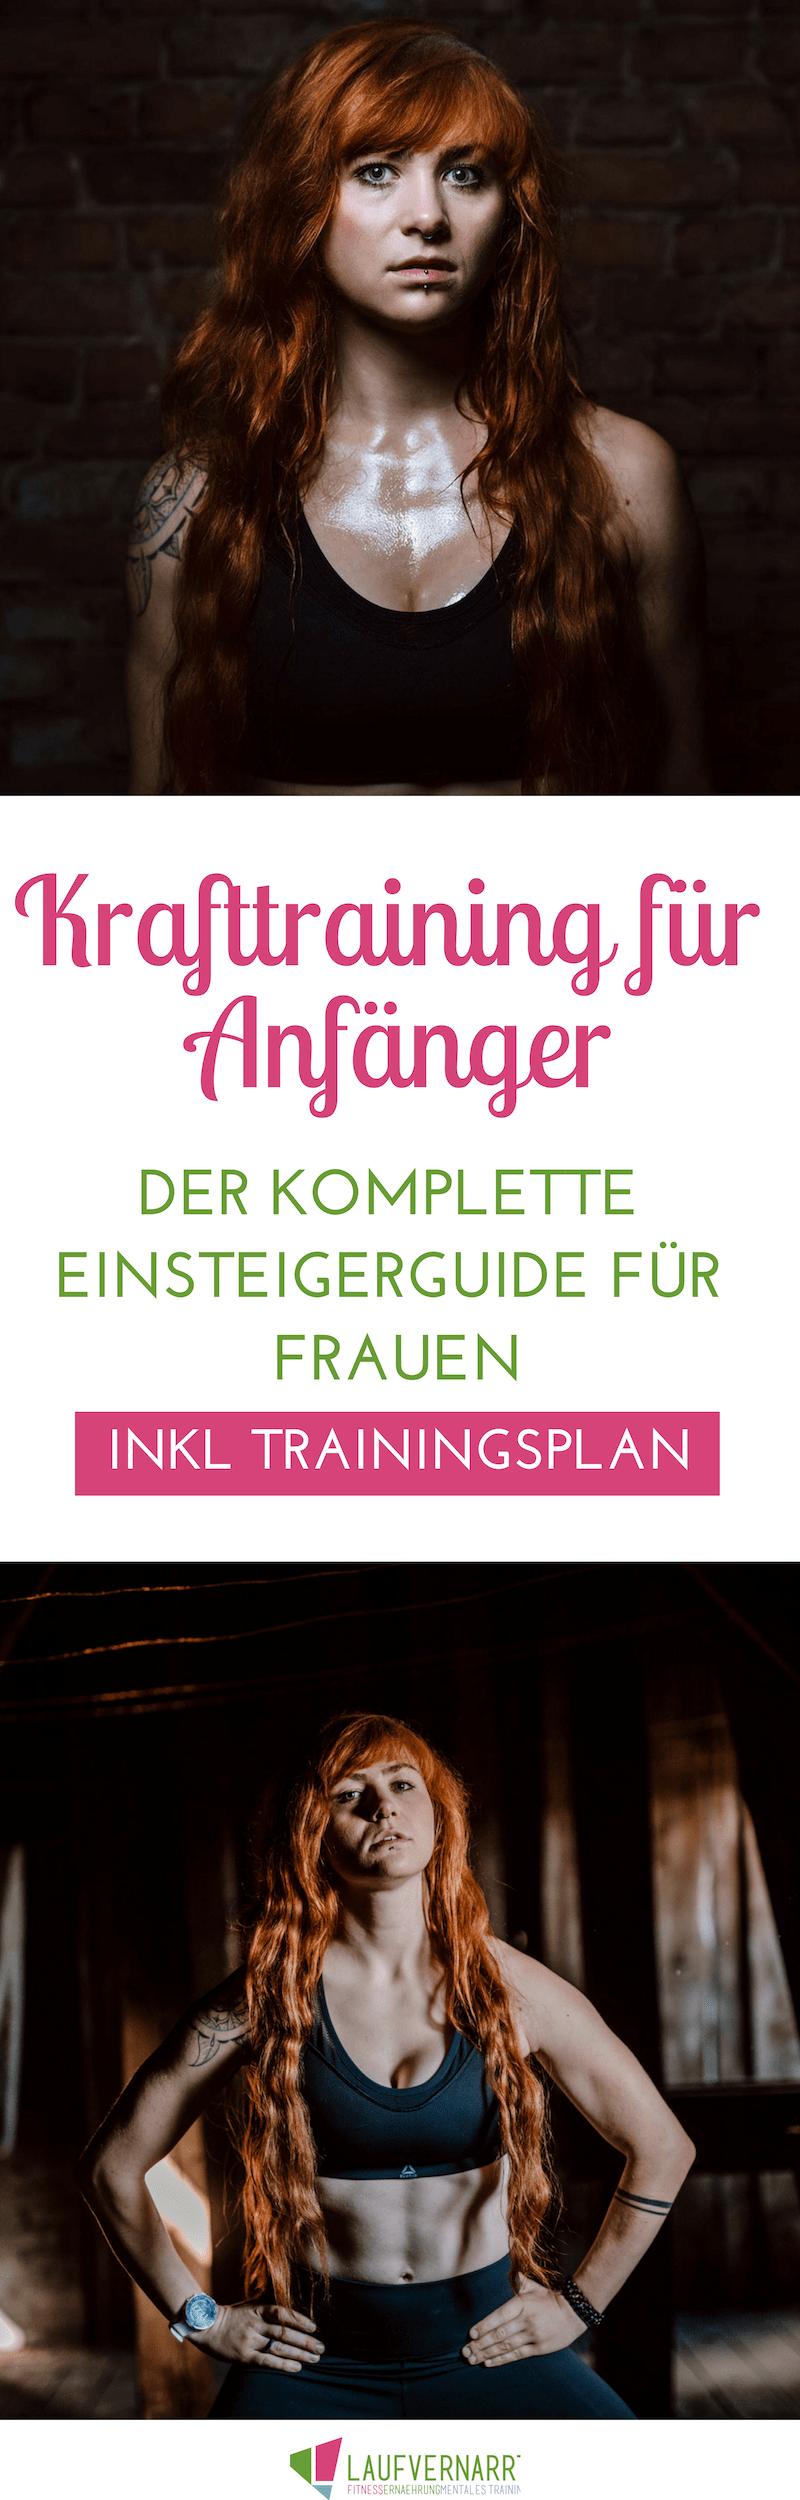 Frauen & Fitness: Krafttraining für Anfängerinnen - Der komplette Einsteigerguide (inkl. Trainingspl...